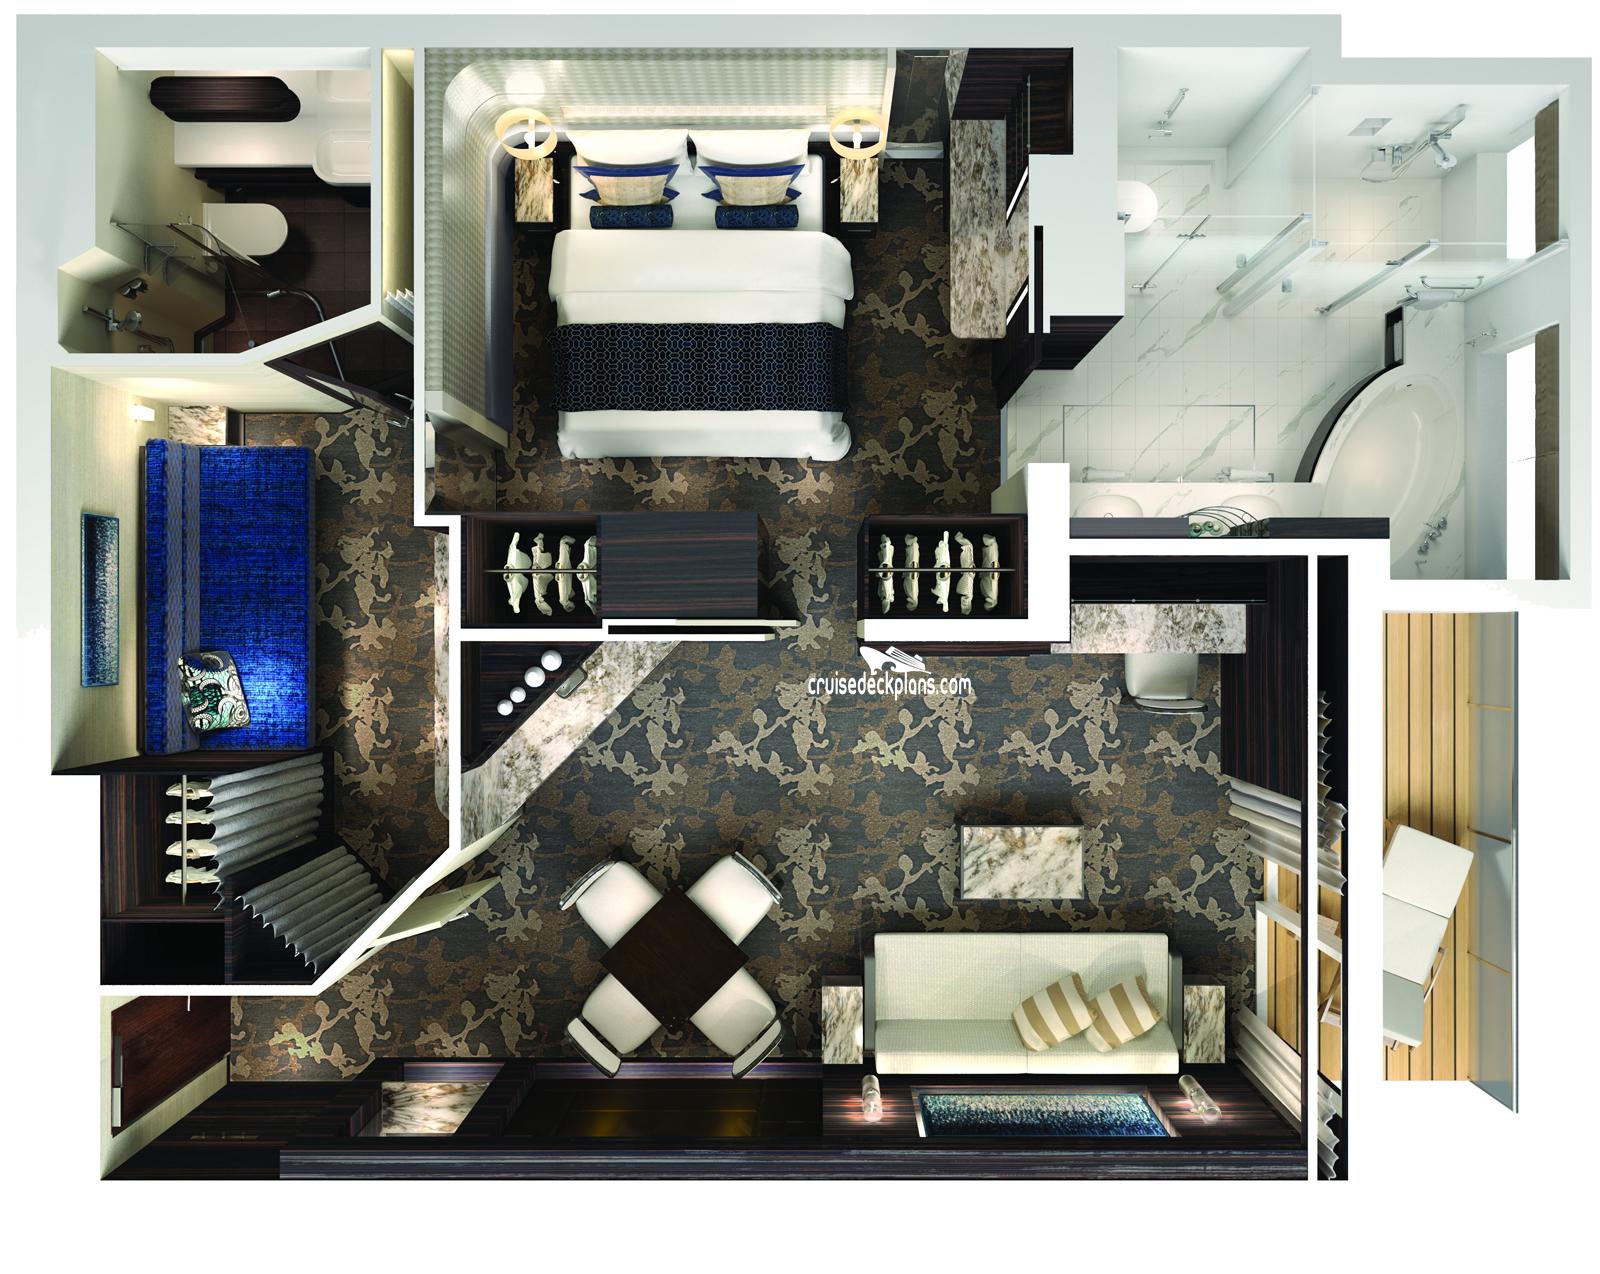 Norwegian Joy Haven 2 Bedroom Family Villa Stateroom